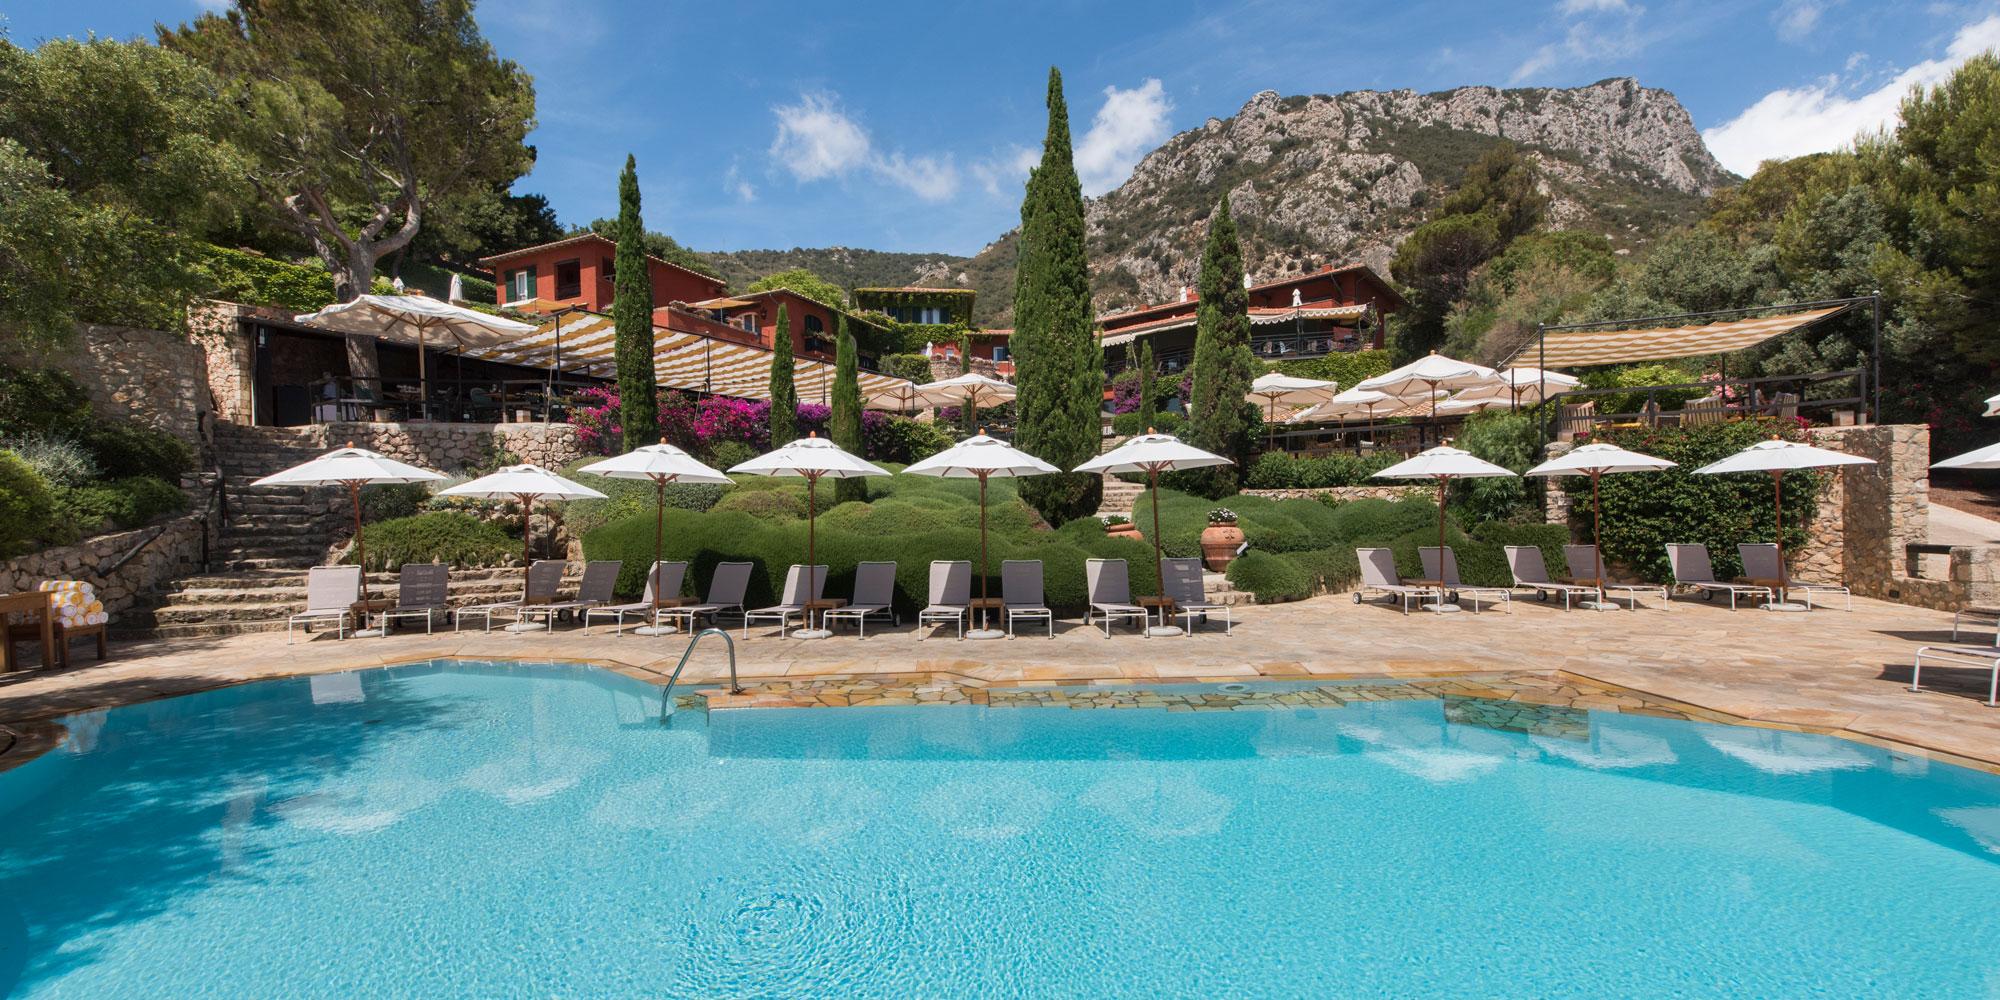 Hotel Il Pellicano - Porto Ercole - Tuscany - Italy - Eden ...